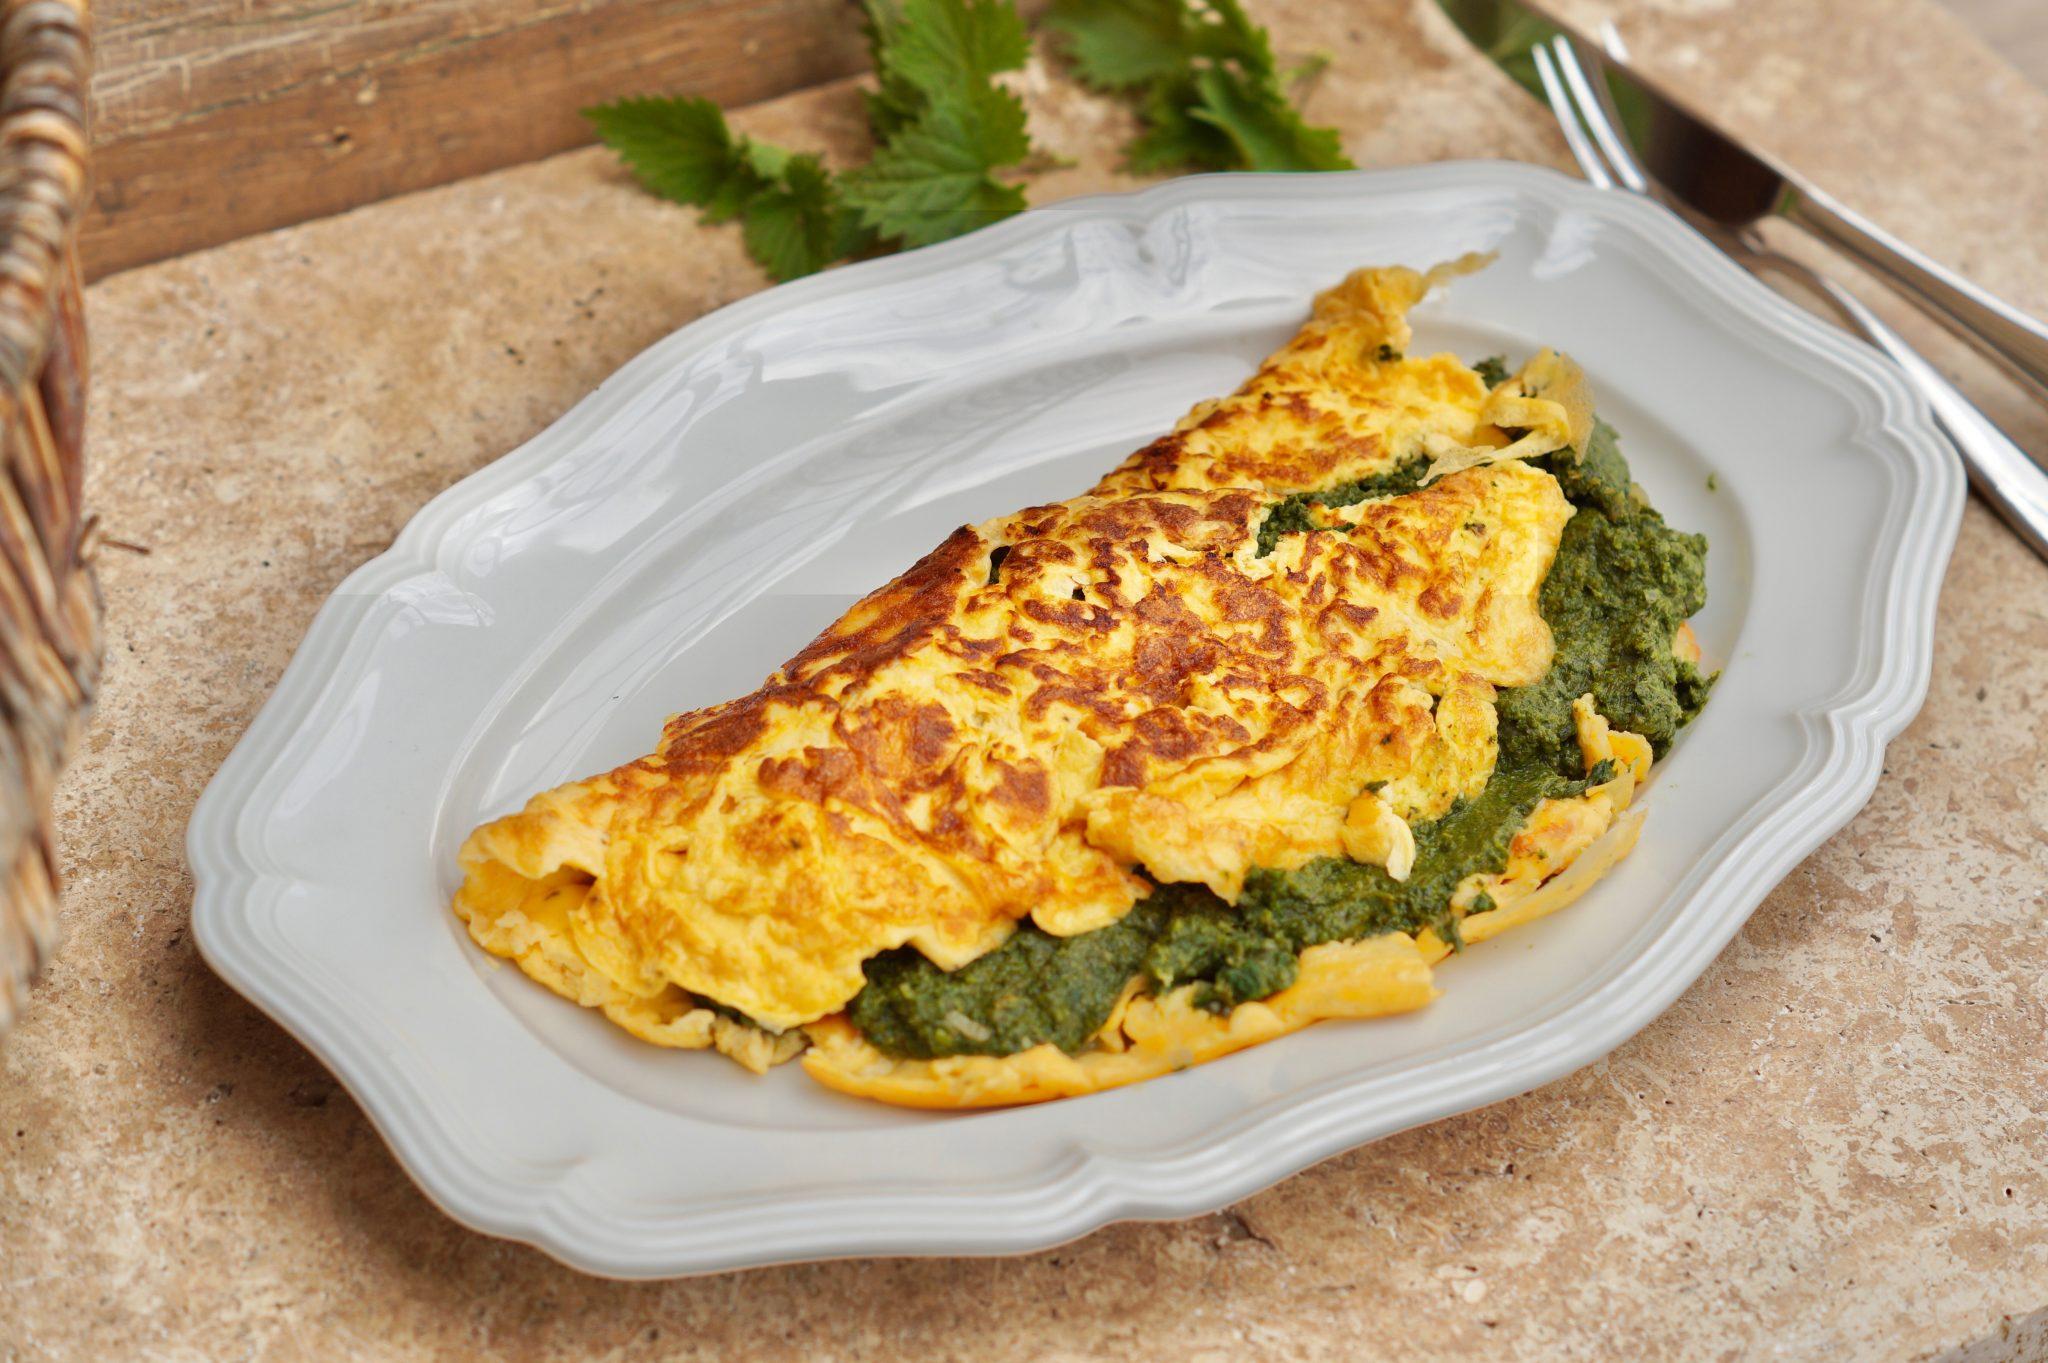 Leckeres Omelette gefüllt mit zarten Brennnesselspinat